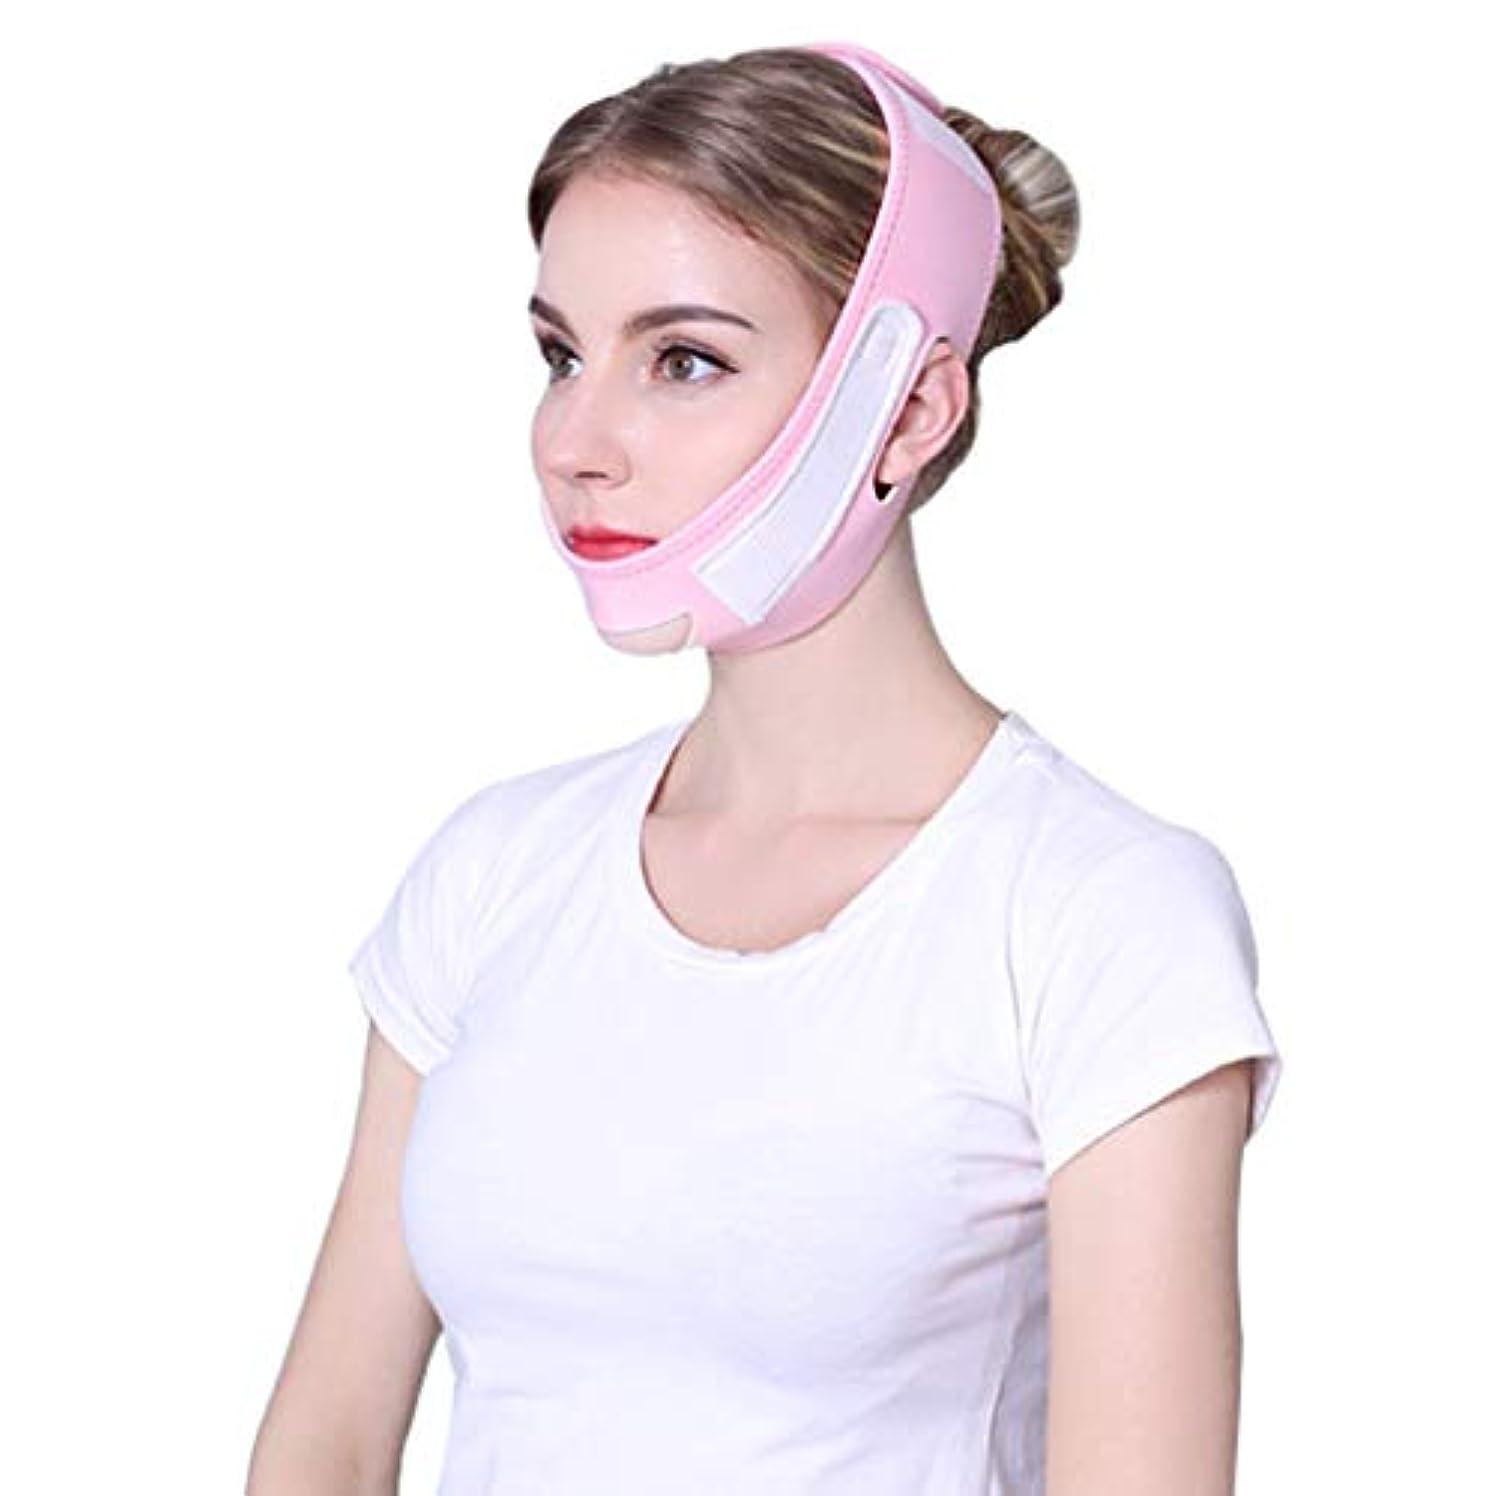 実行する国旗研磨Jia He 軽量 アンチリンクル二重あごスリープビーム整形顔のベルトを持ち上げる薄い顔ベルト、Vフェイスアーティファクト通気性のフェイス包帯 ## (Color : Pink)